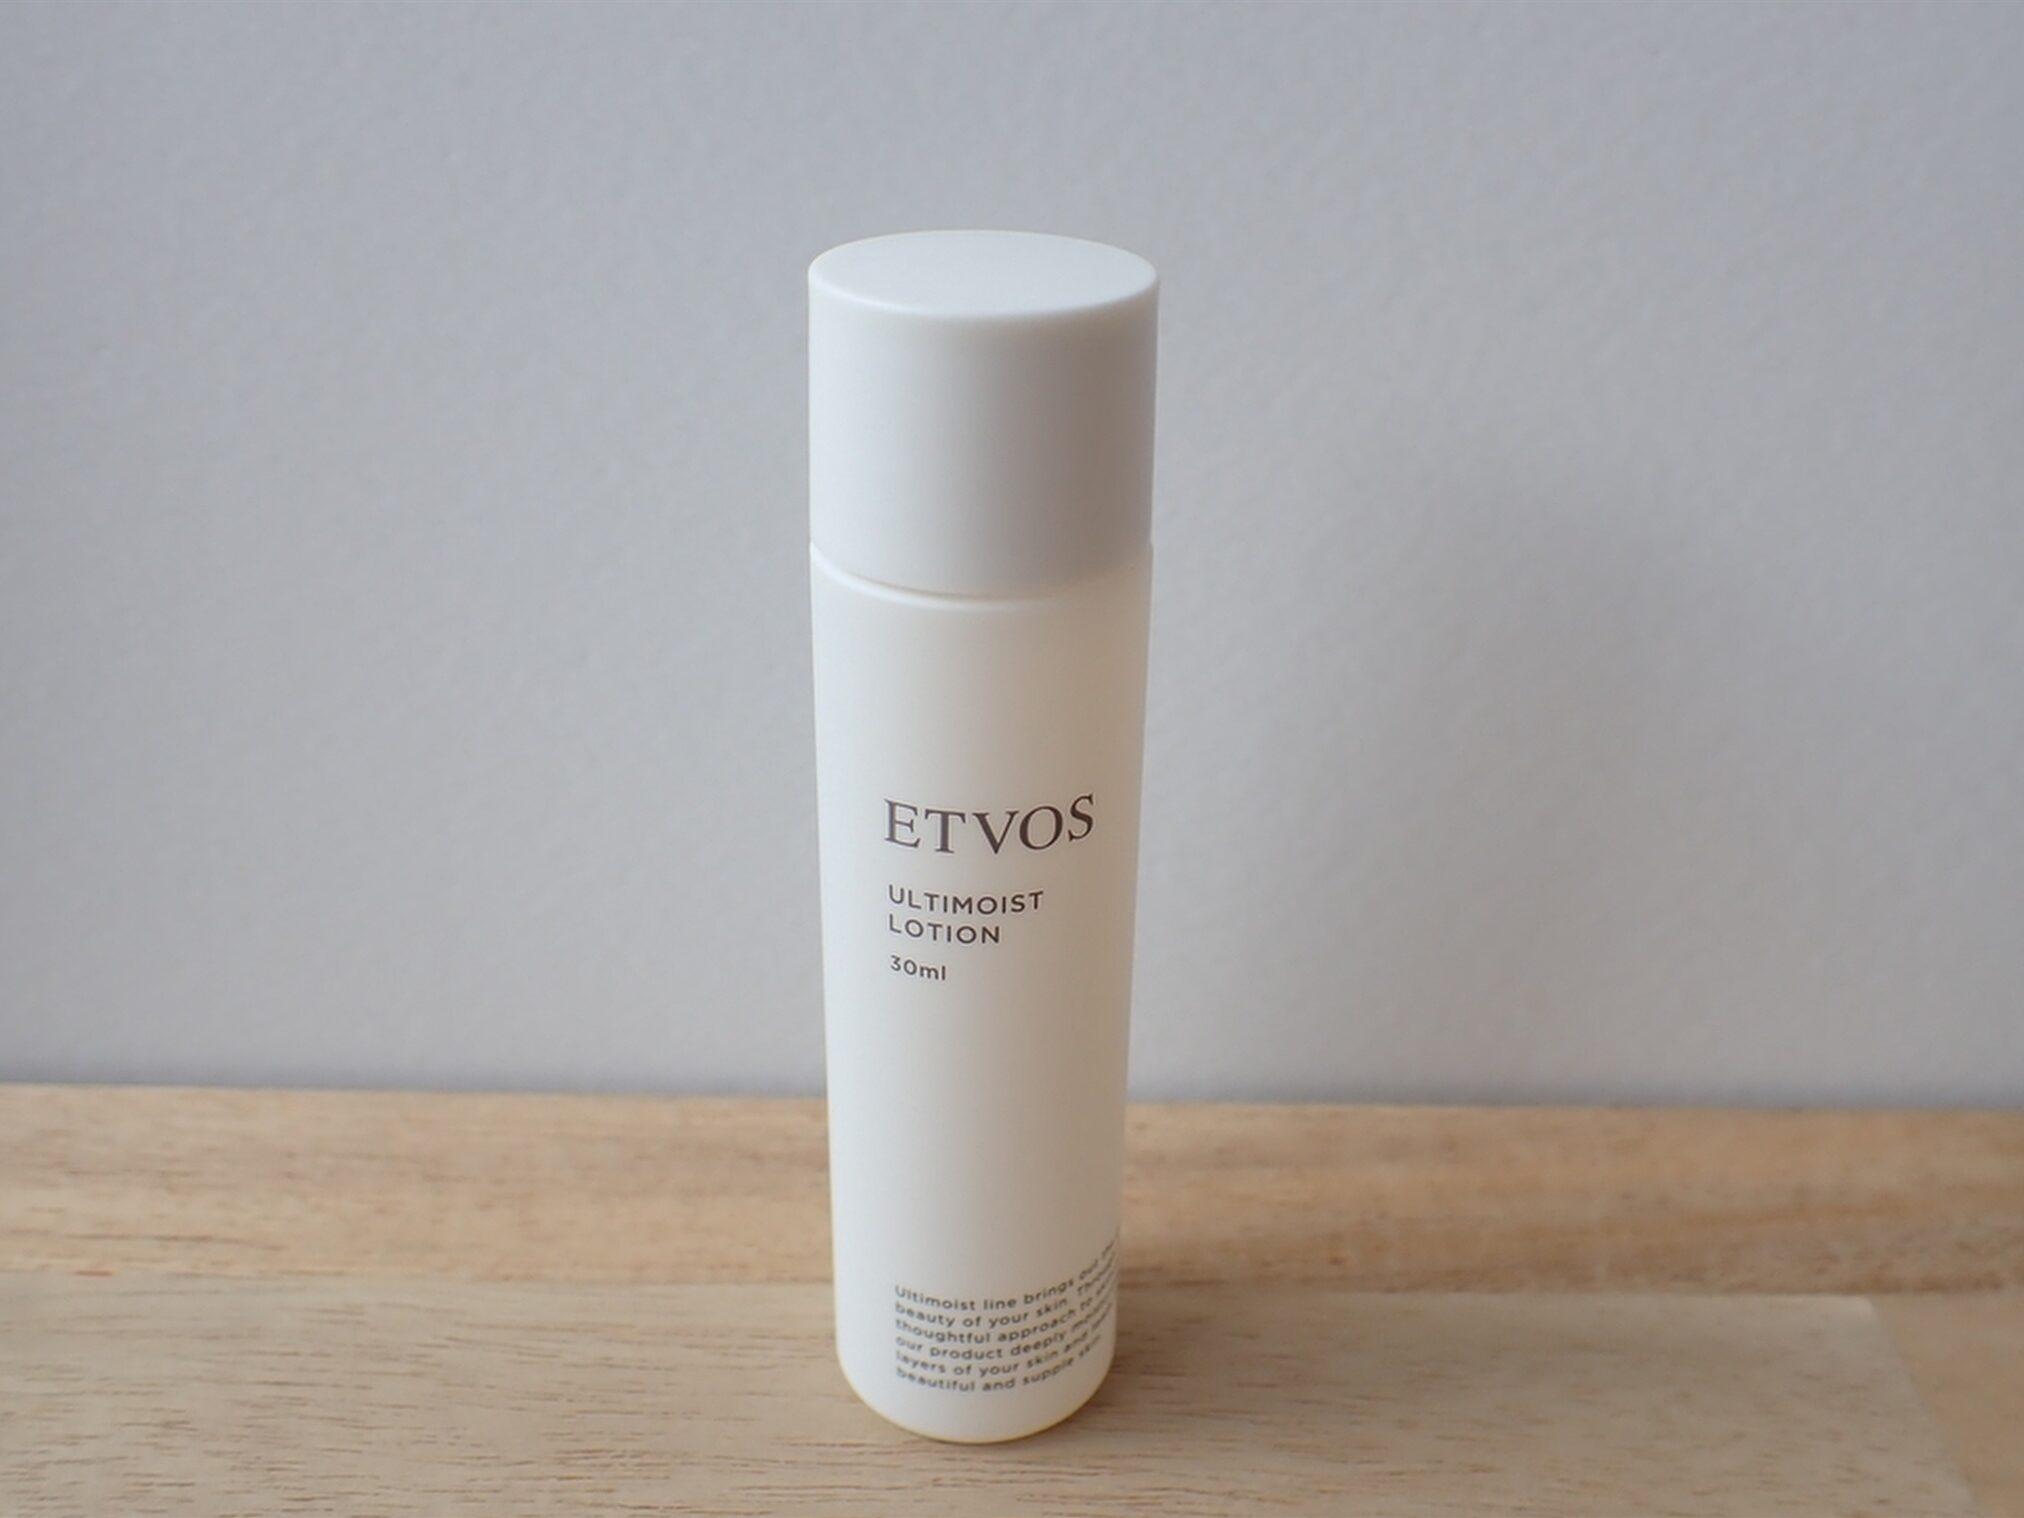 エトヴォス アルティモイスト トライアルキット ETVOS 保湿化粧水 アルティモイストローション 30ml